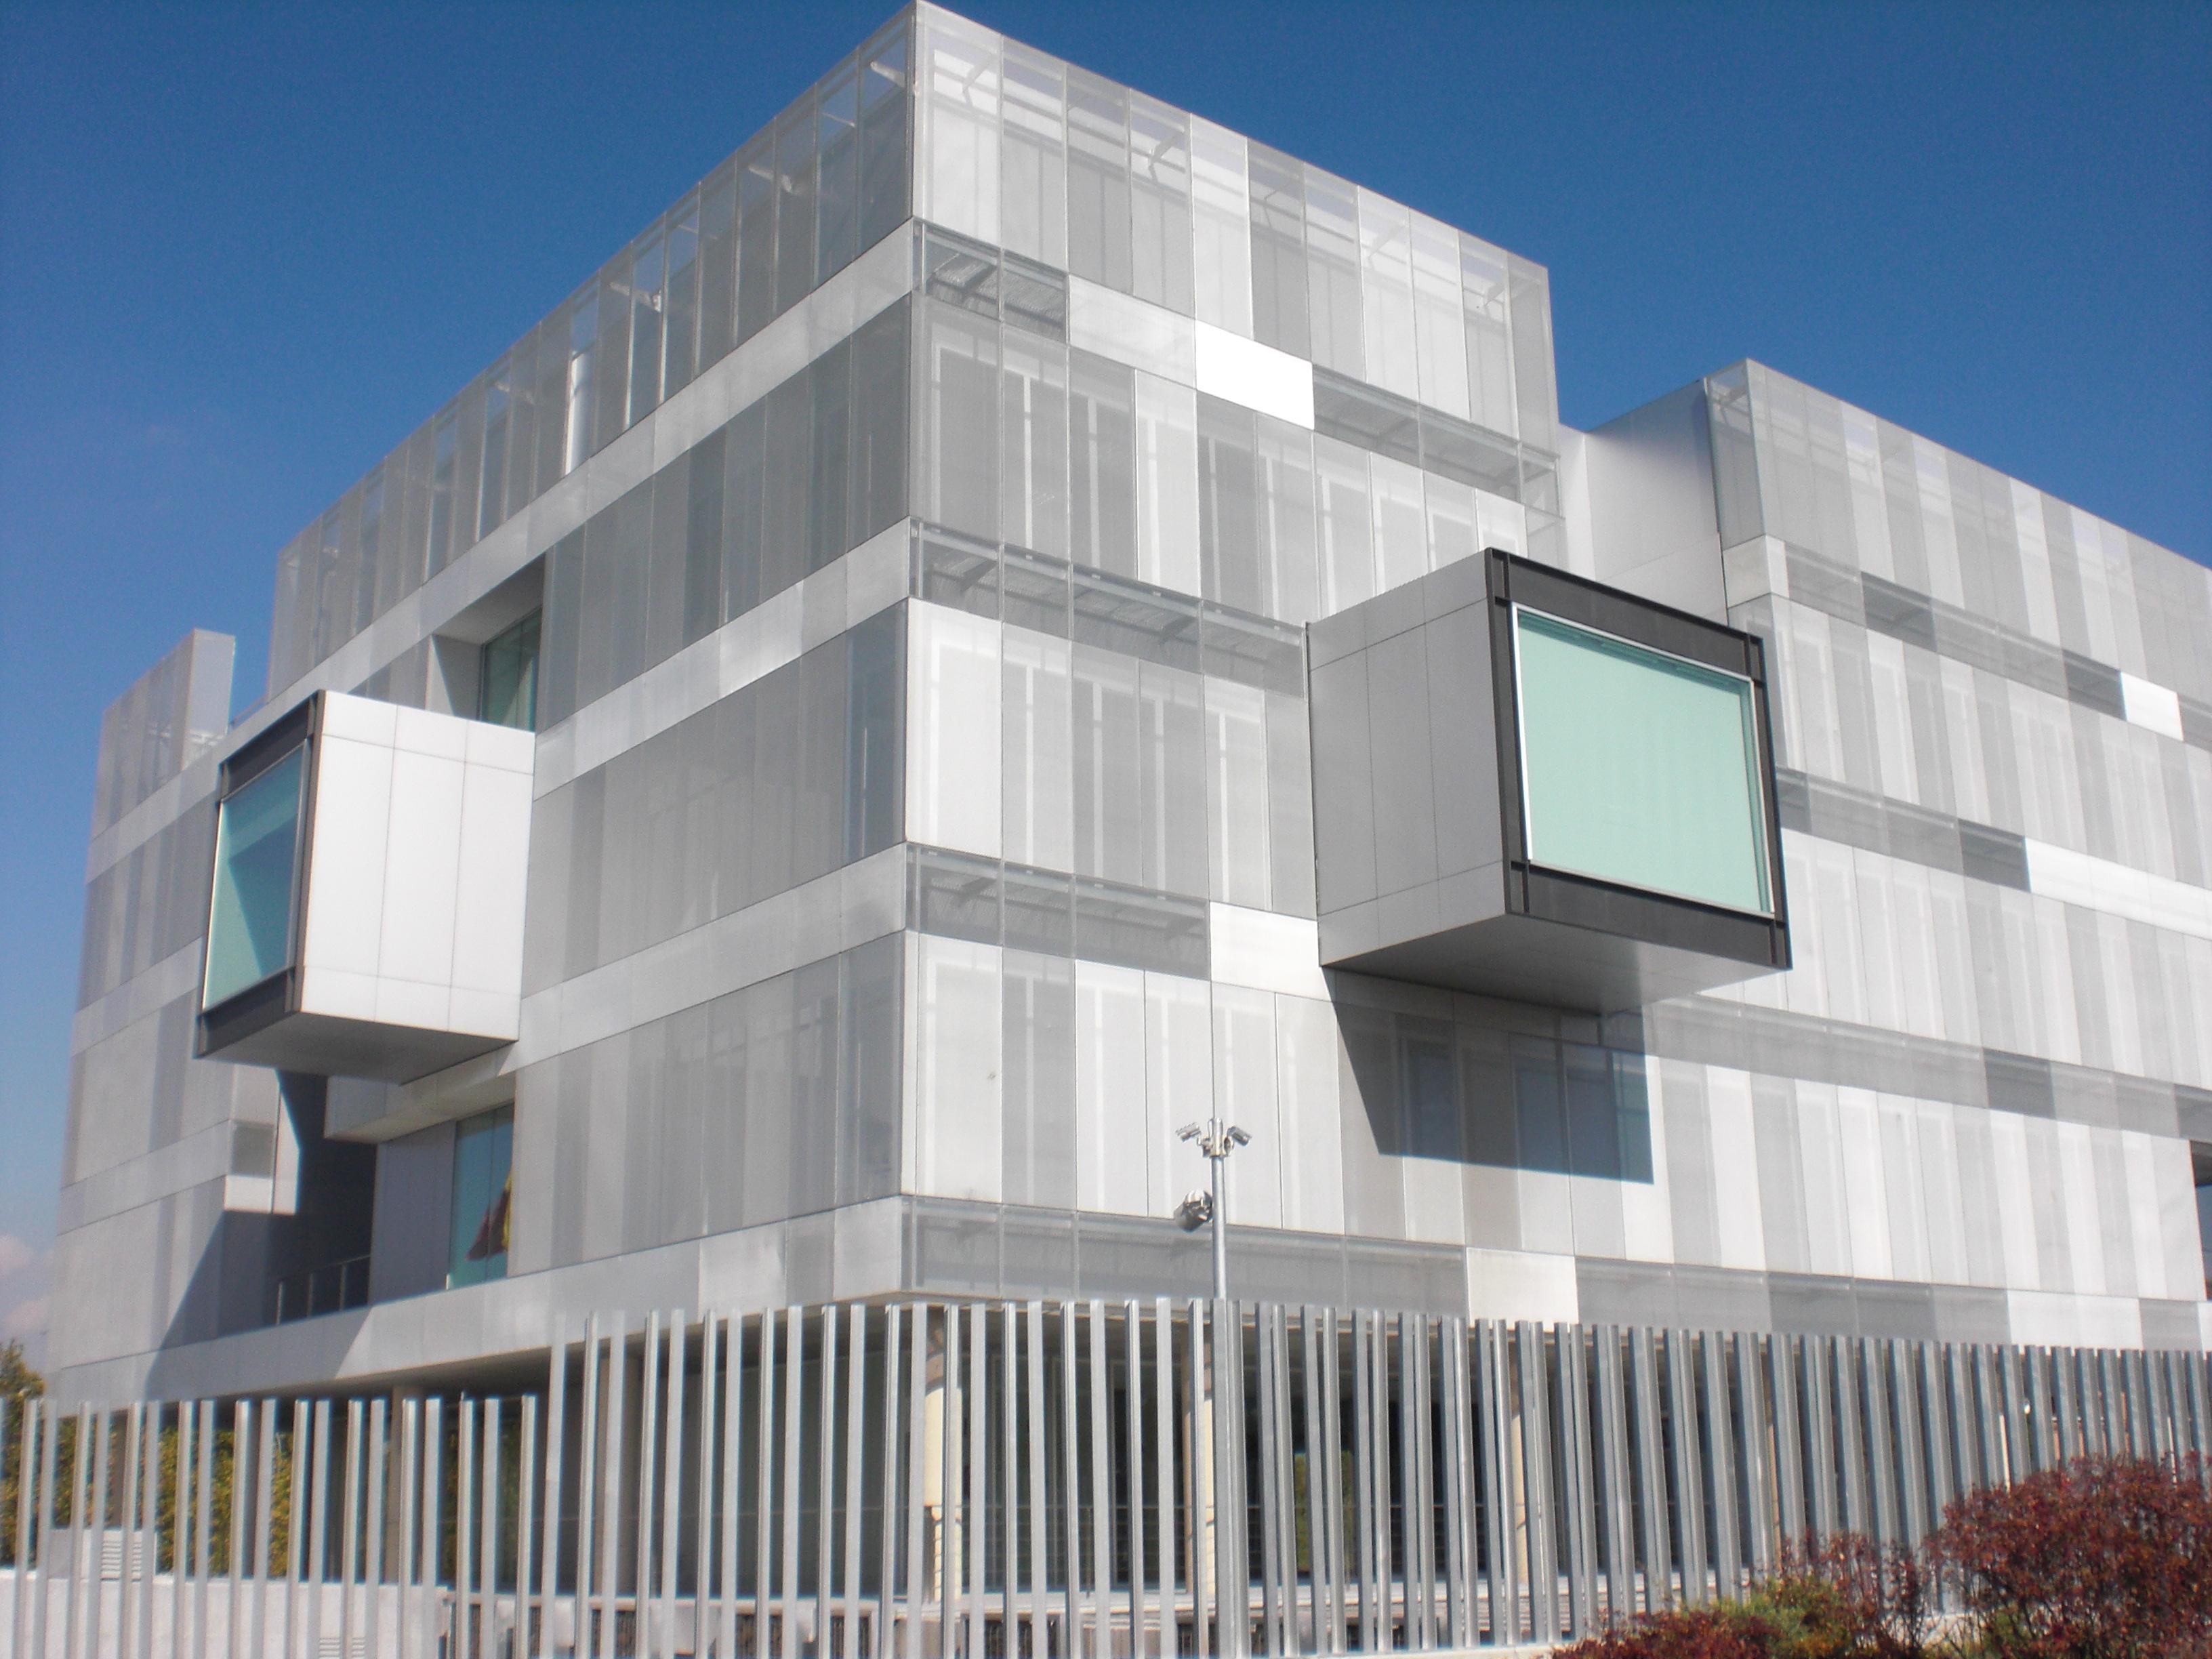 La oficina de dni y pasaportes del barrio del pilar se for Oficinas pasaporte madrid